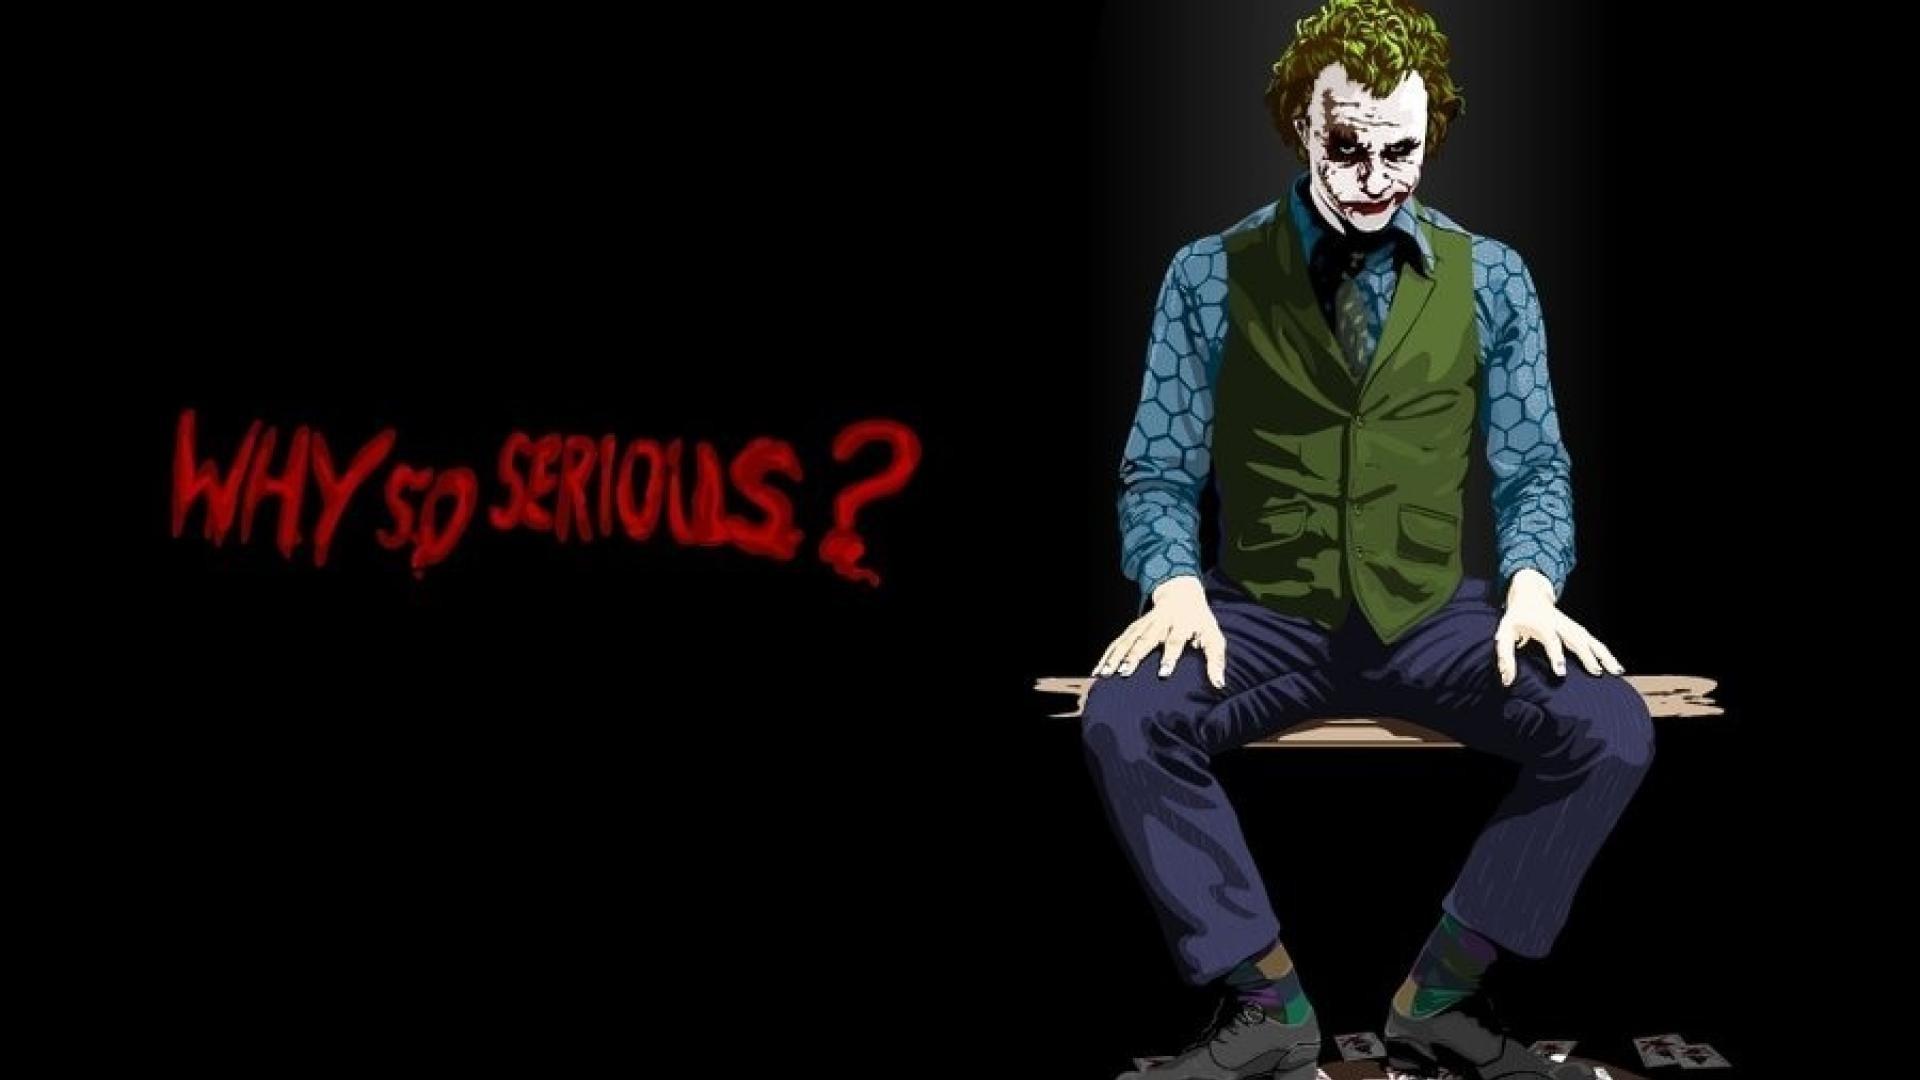 Joker Dark Knight Wallpaper 69 Images